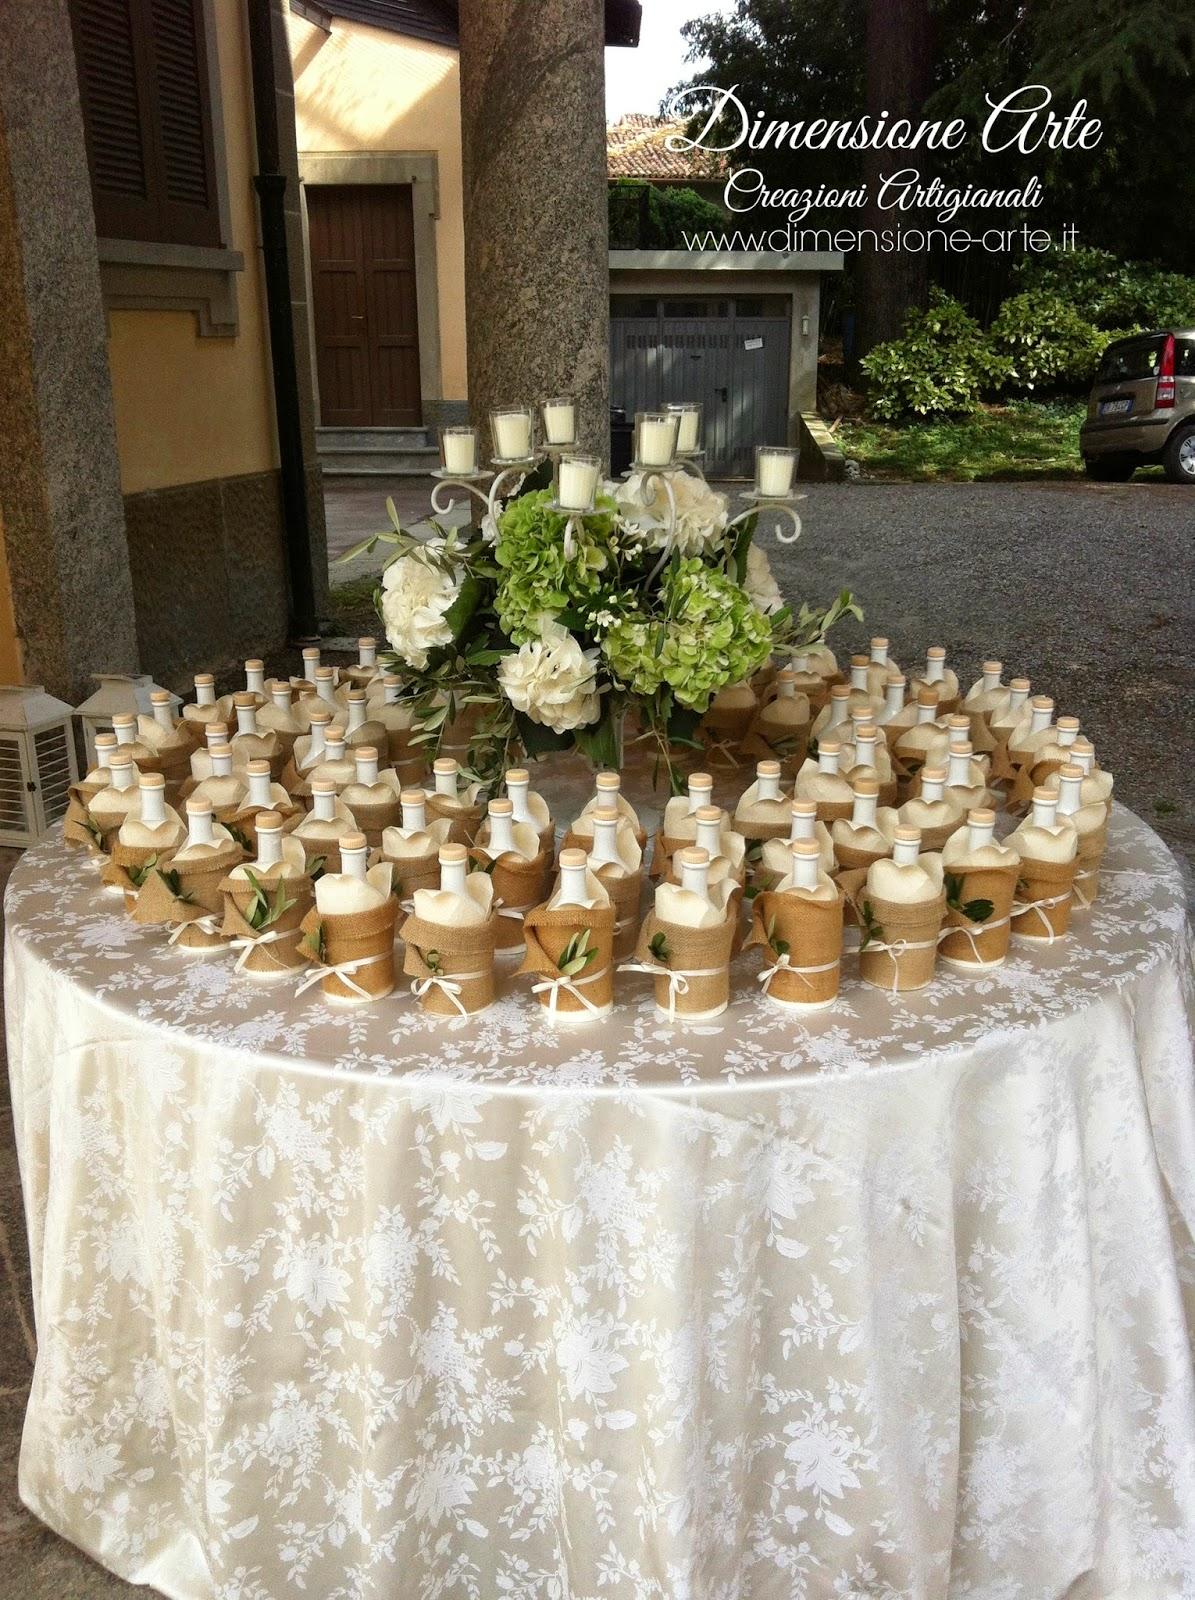 Matrimonio Rustico Lazio : Dimensione arte creazioni artigianali matrimonio